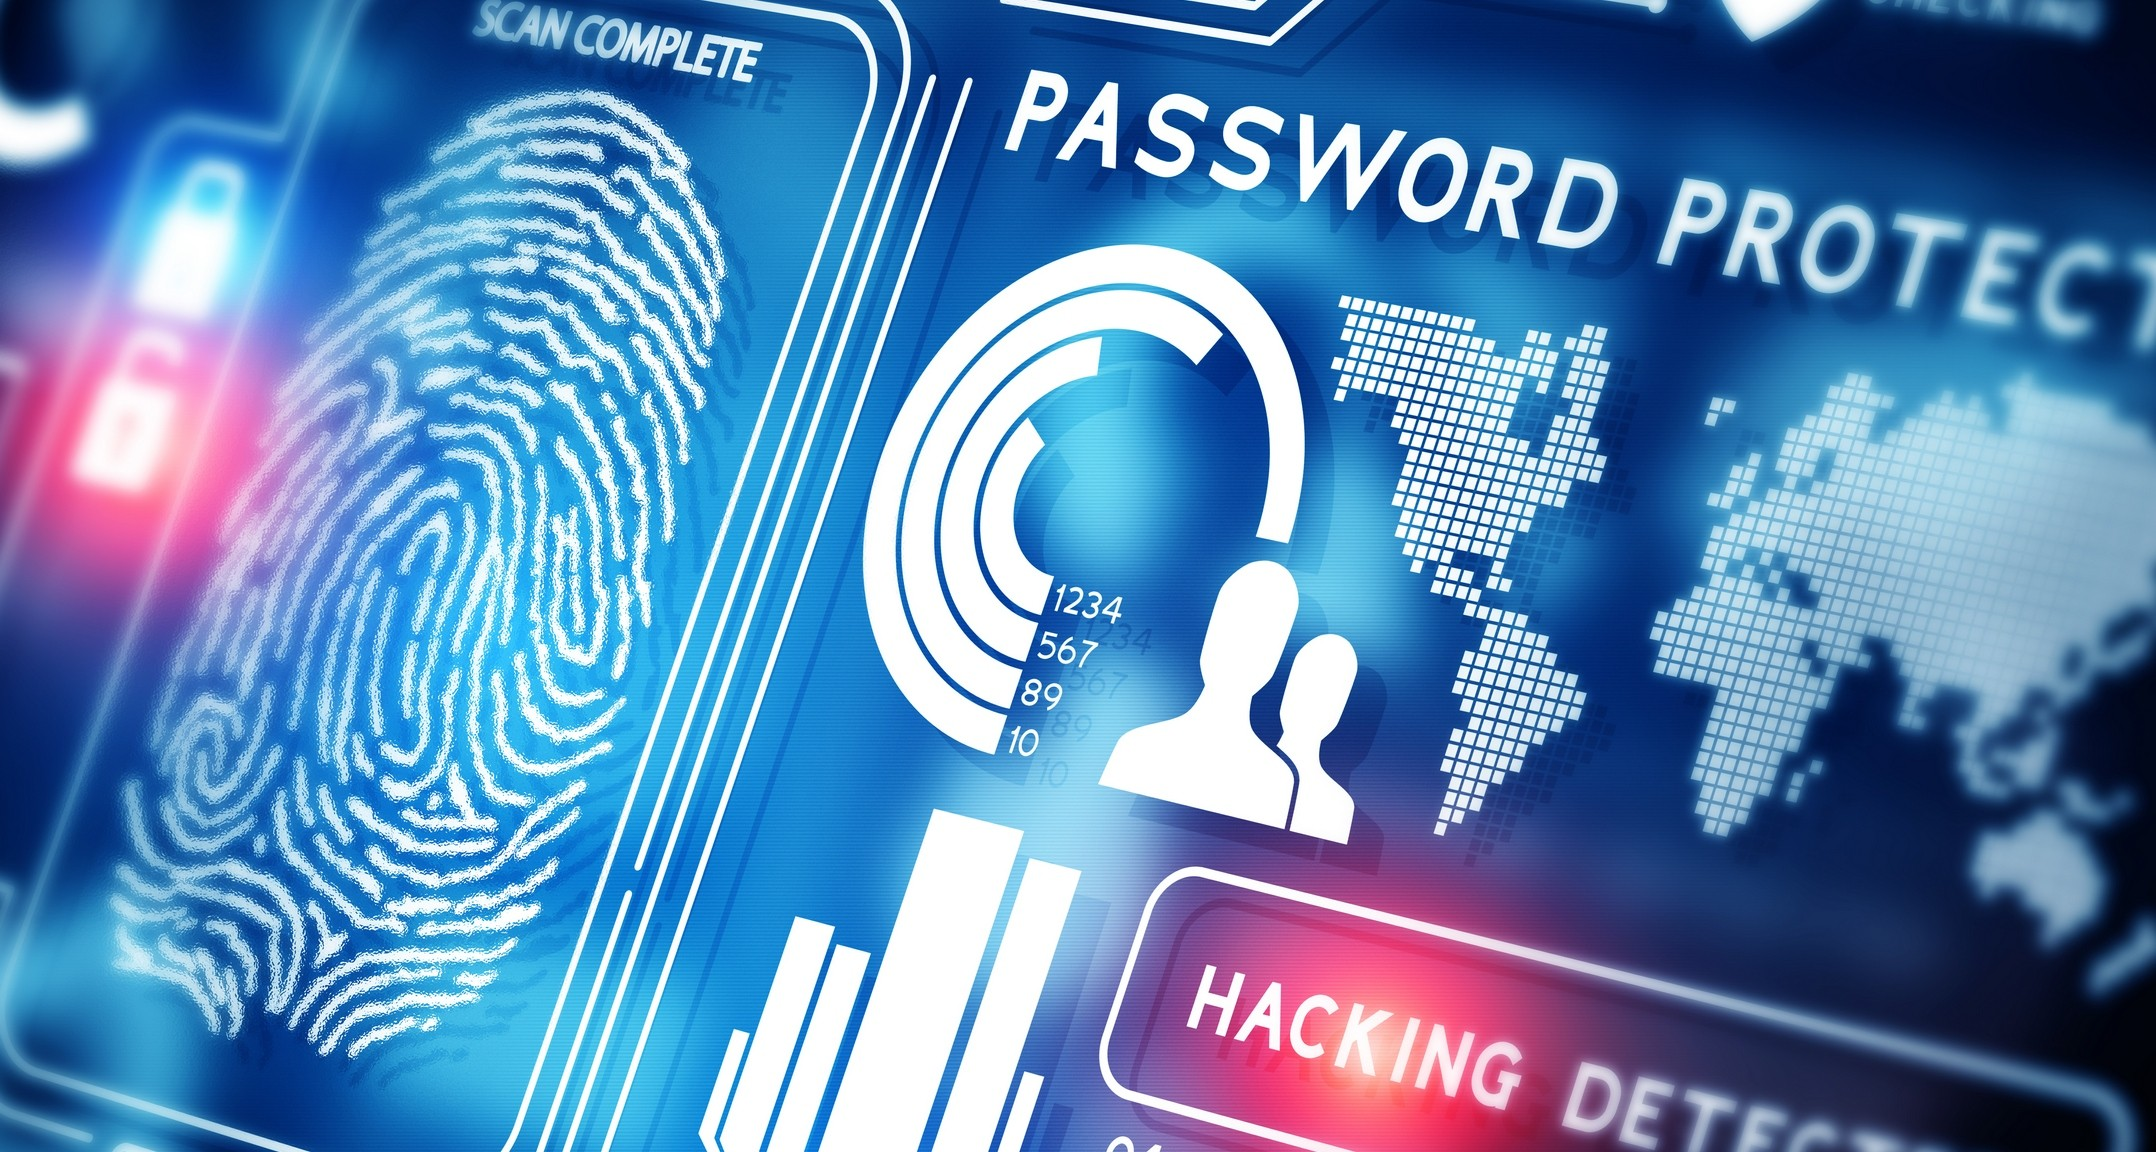 МИД Польши подвергся атаке хакеров, якобы связанных сРФ